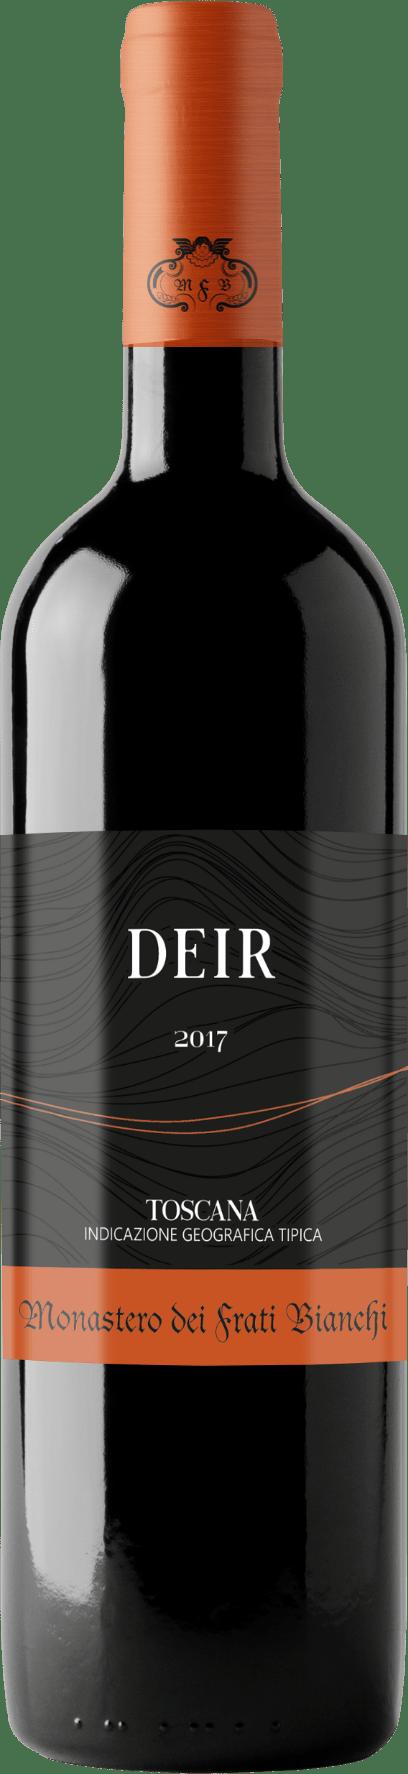 bottiglia-vino-deir-monastero-frati-bianchi-min